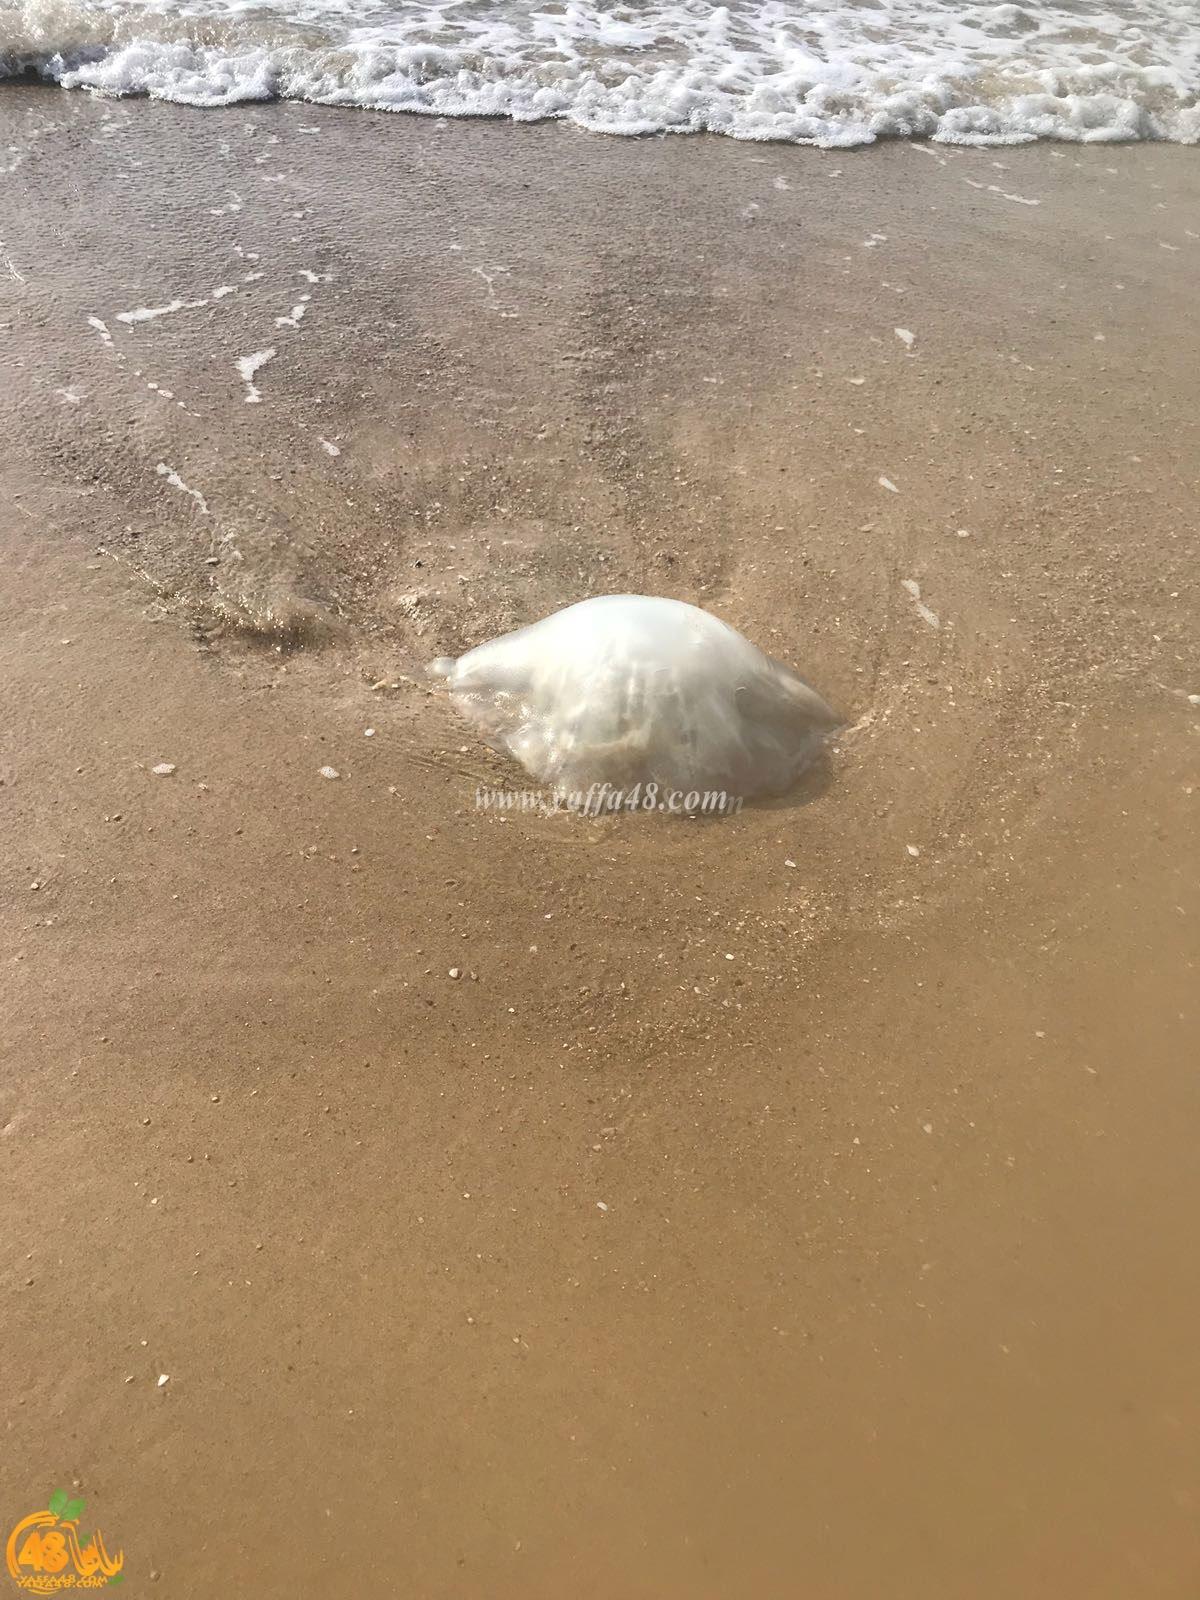 بالصور: زيارة مبكرّة لقناديل البحر إلى شواطئ مدينة يافا